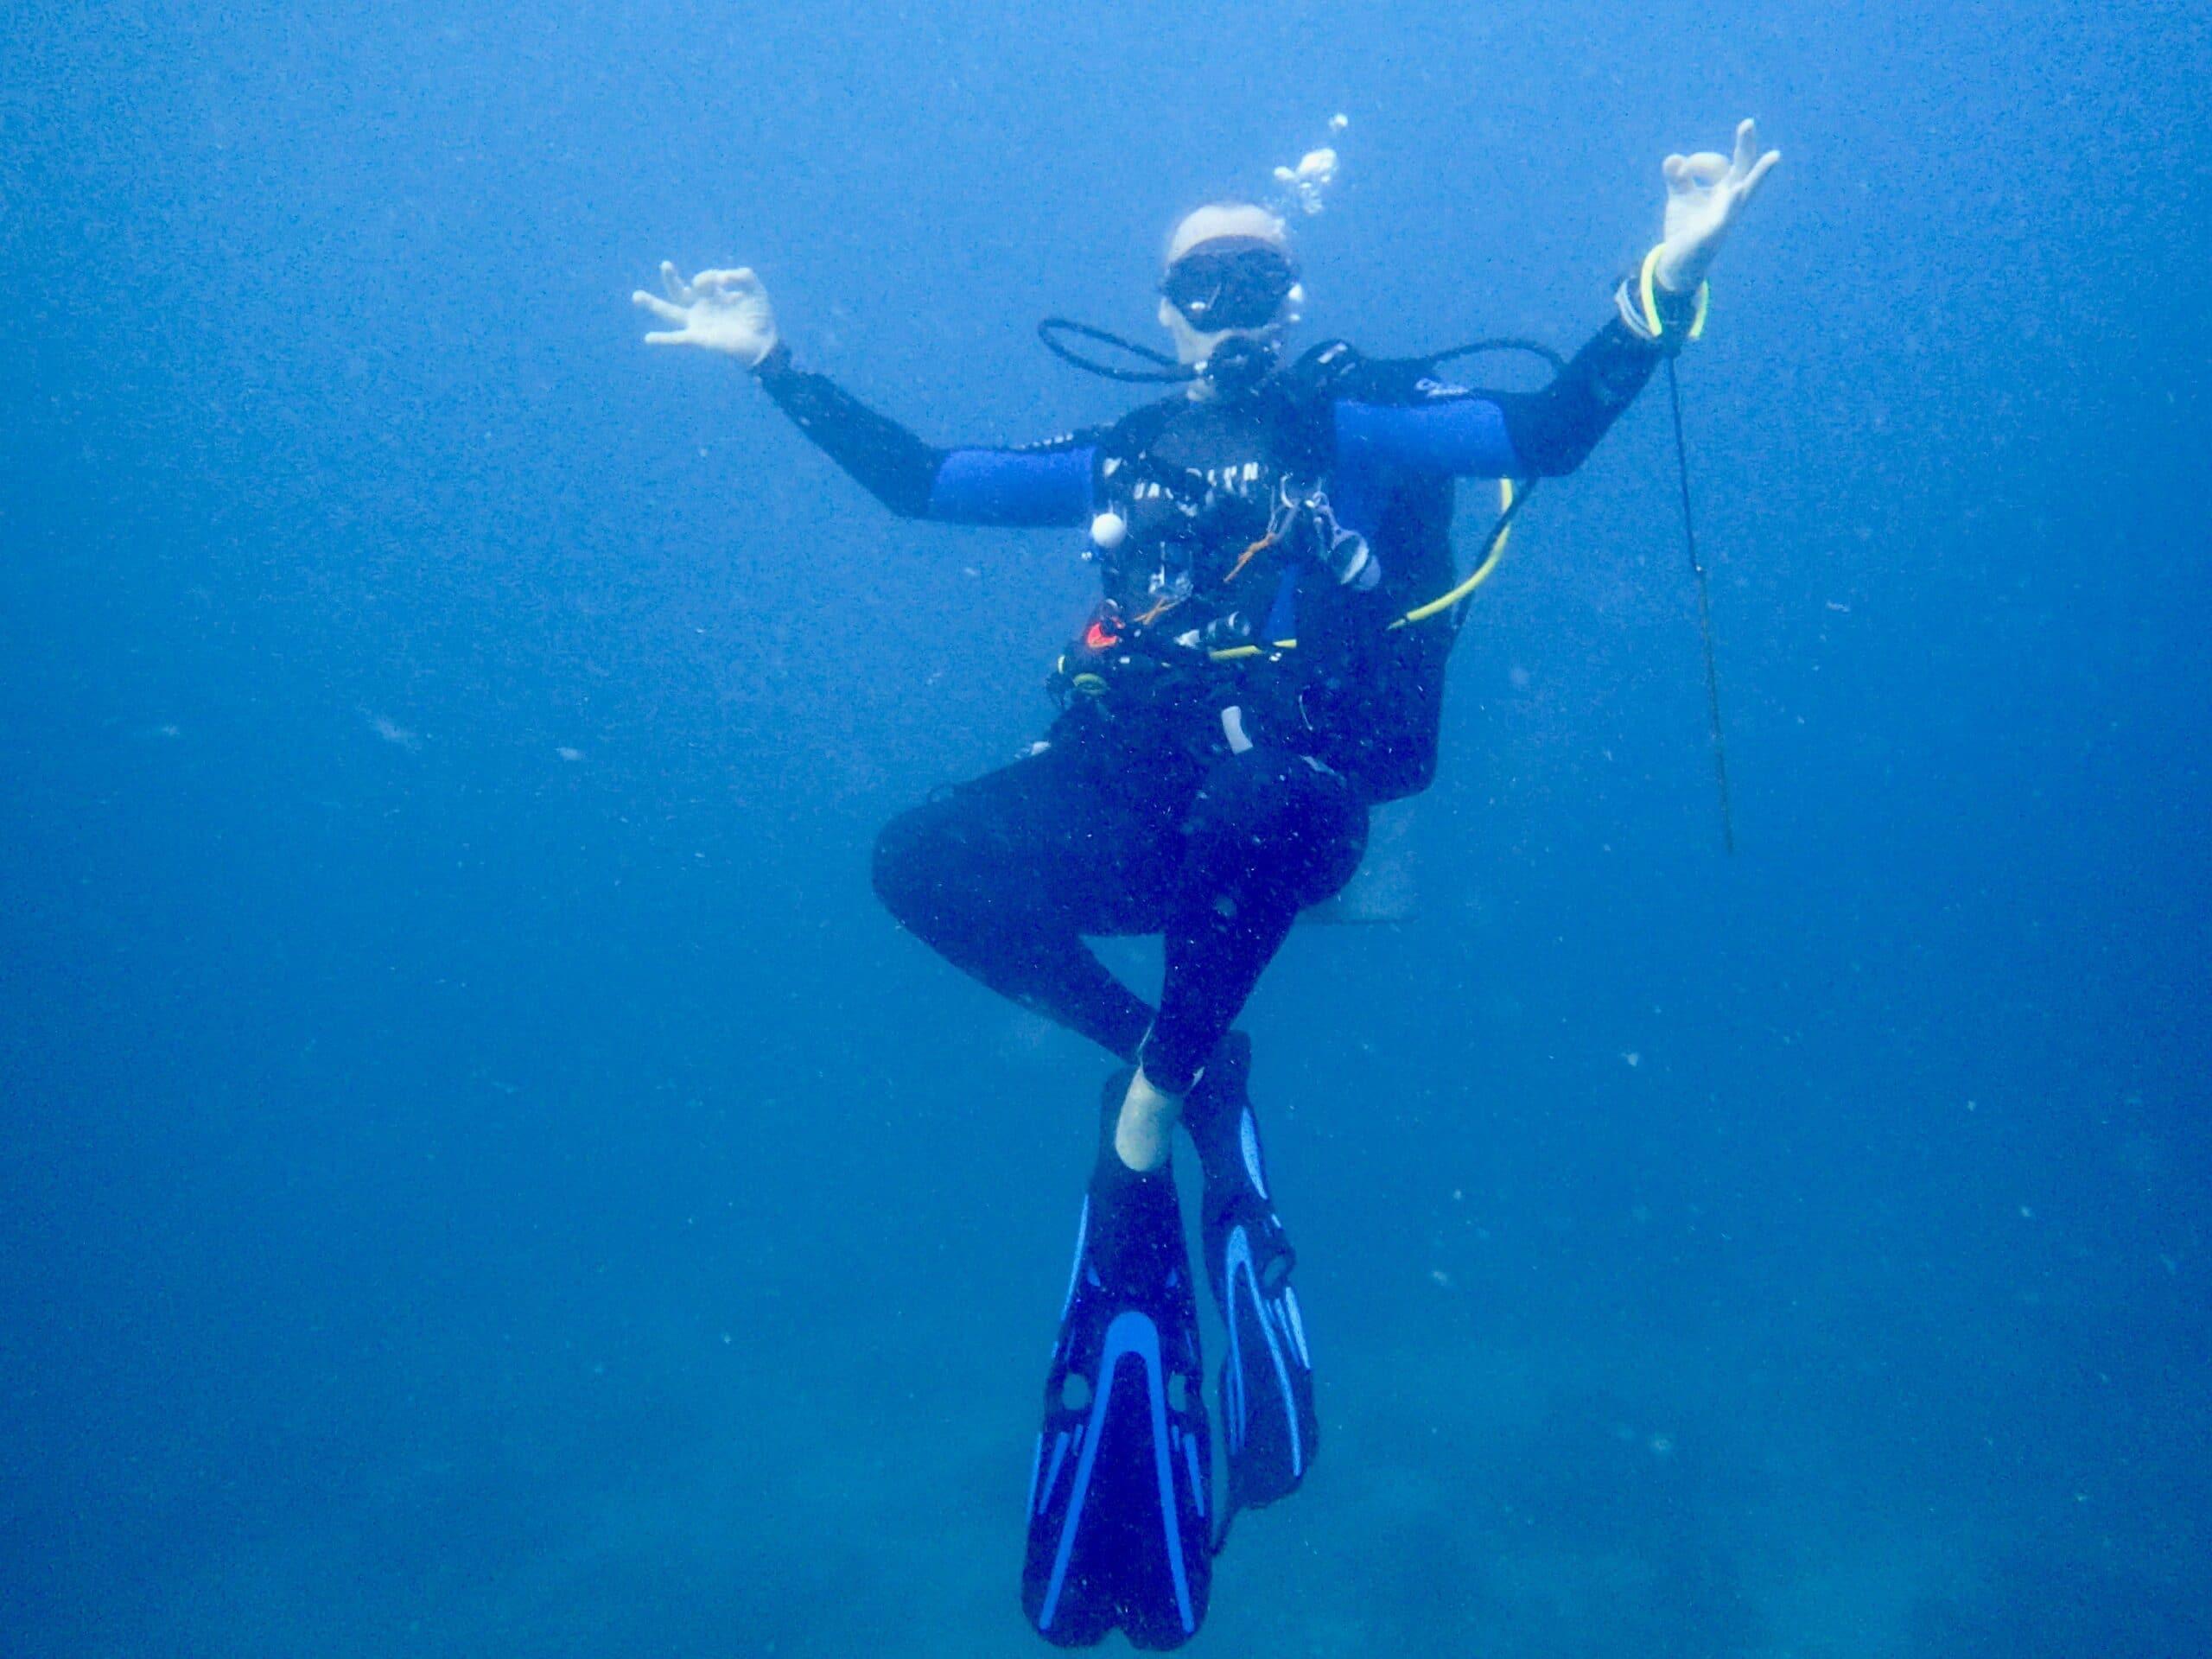 Comment palmer plongée